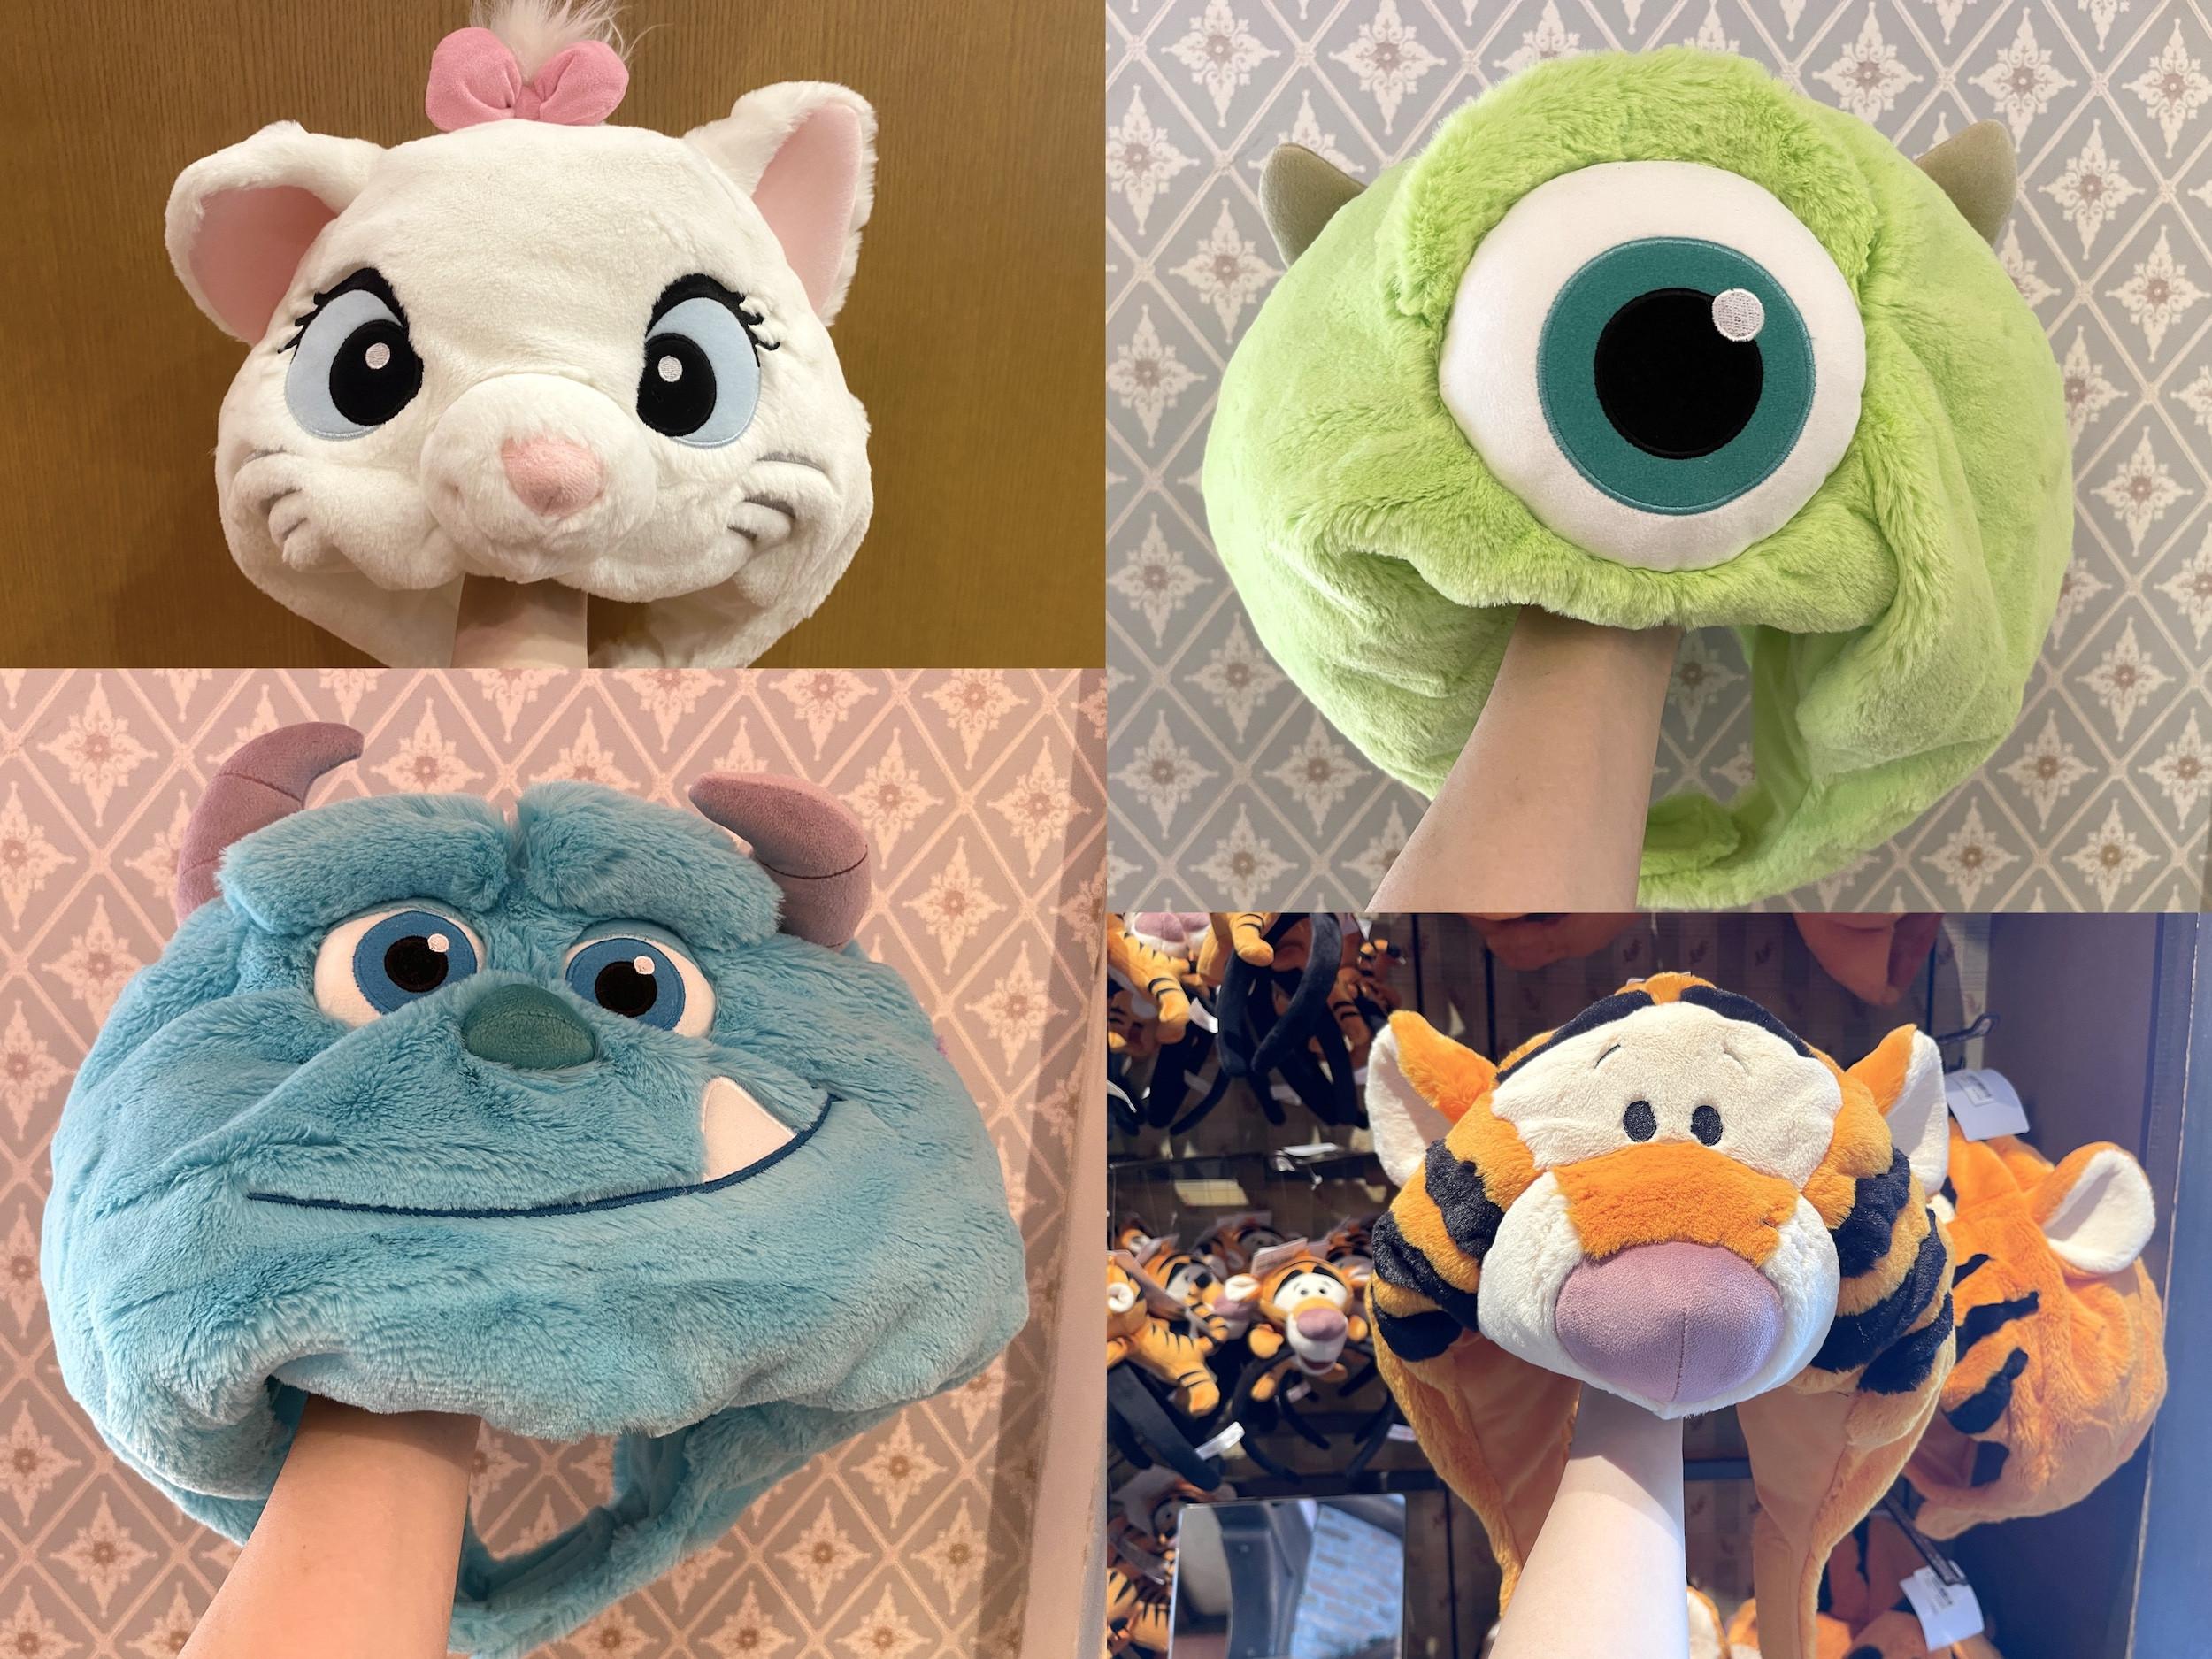 【2019】ディズニーのファンキャップ18種類!コーデのワンポイントにおすすめのグッズ